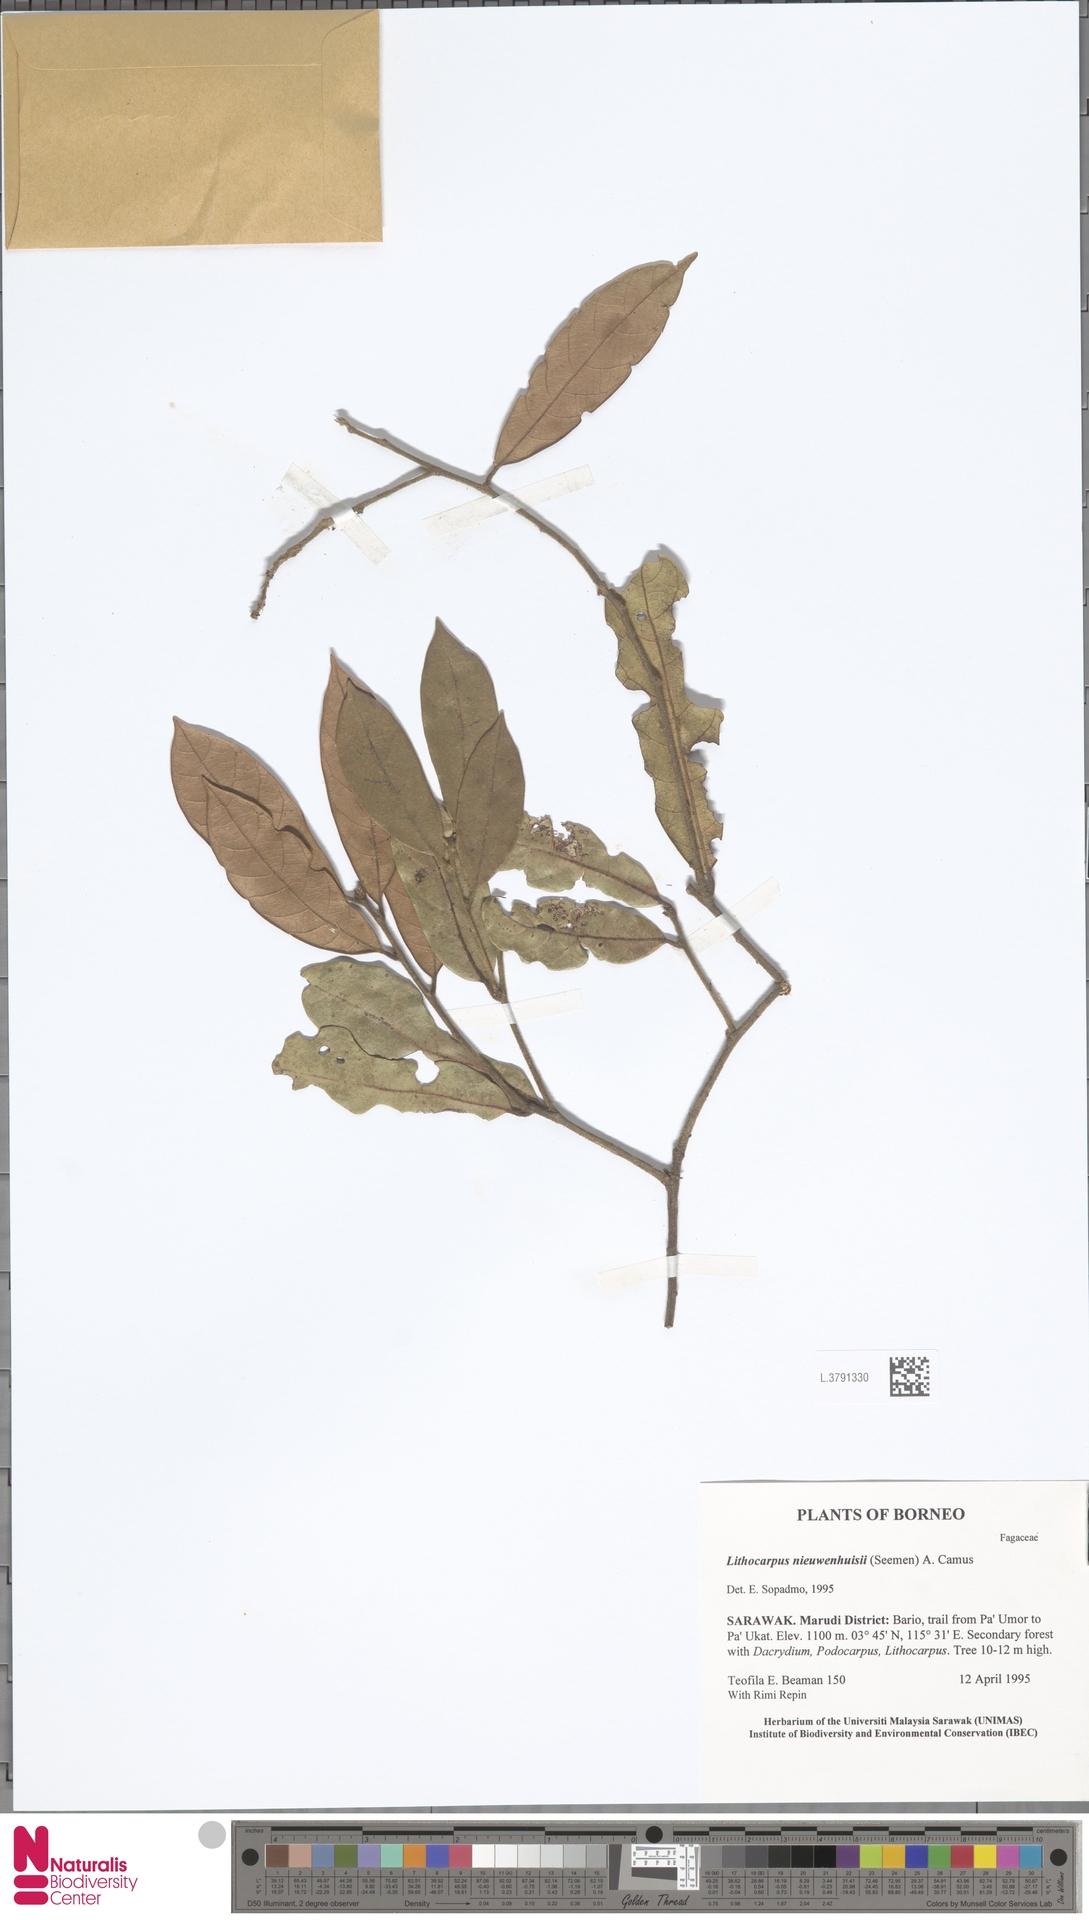 L.3791330 | Lithocarpus nieuwenhuisii (Seem.) A.Camus